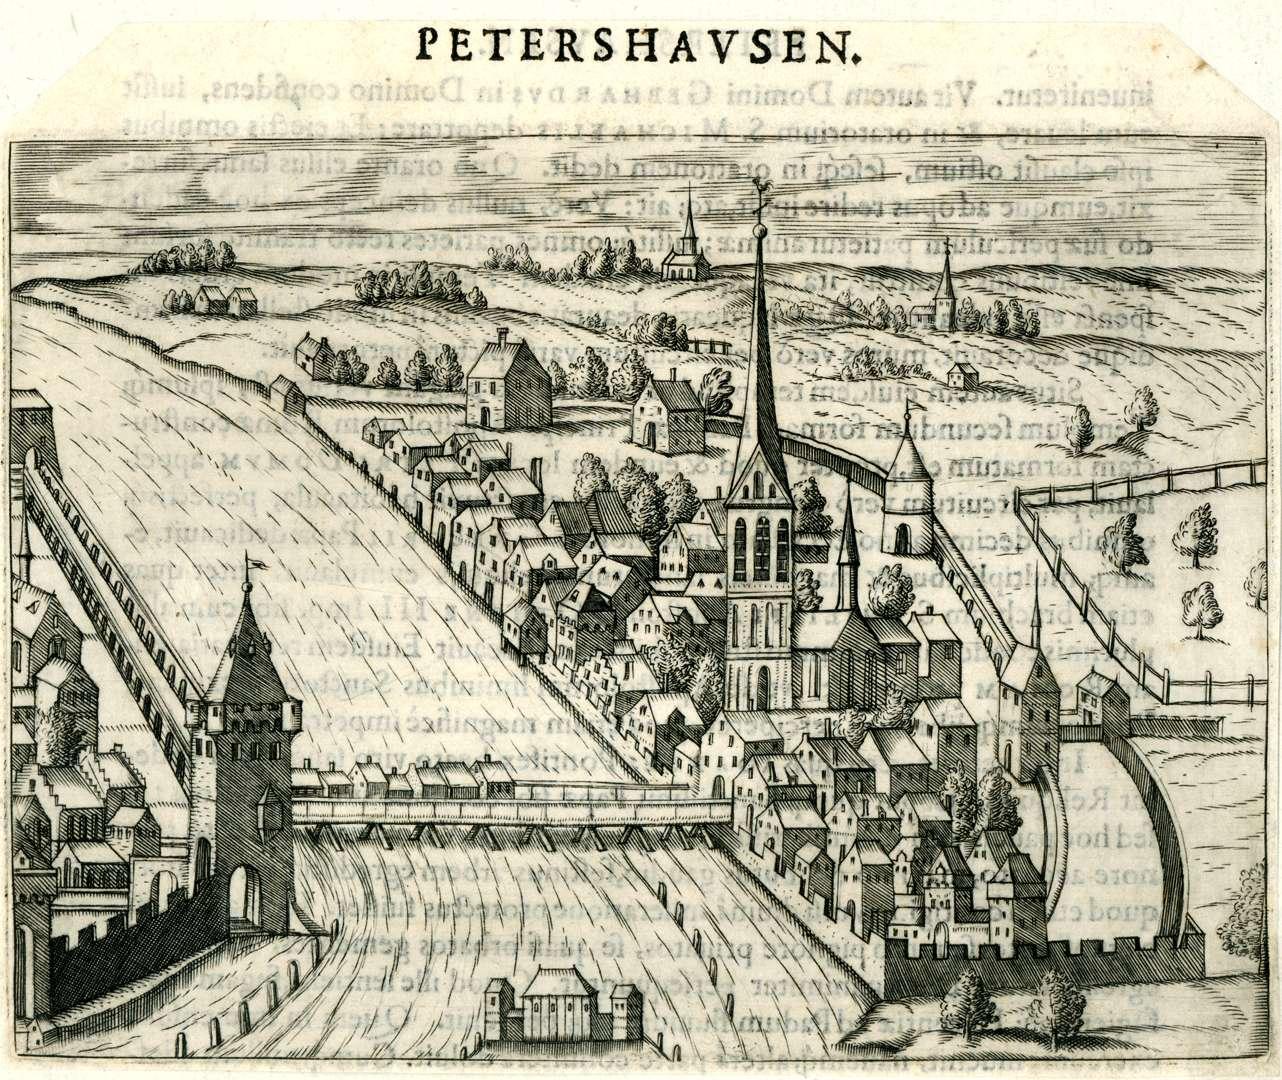 Petershavsen, Bild 1